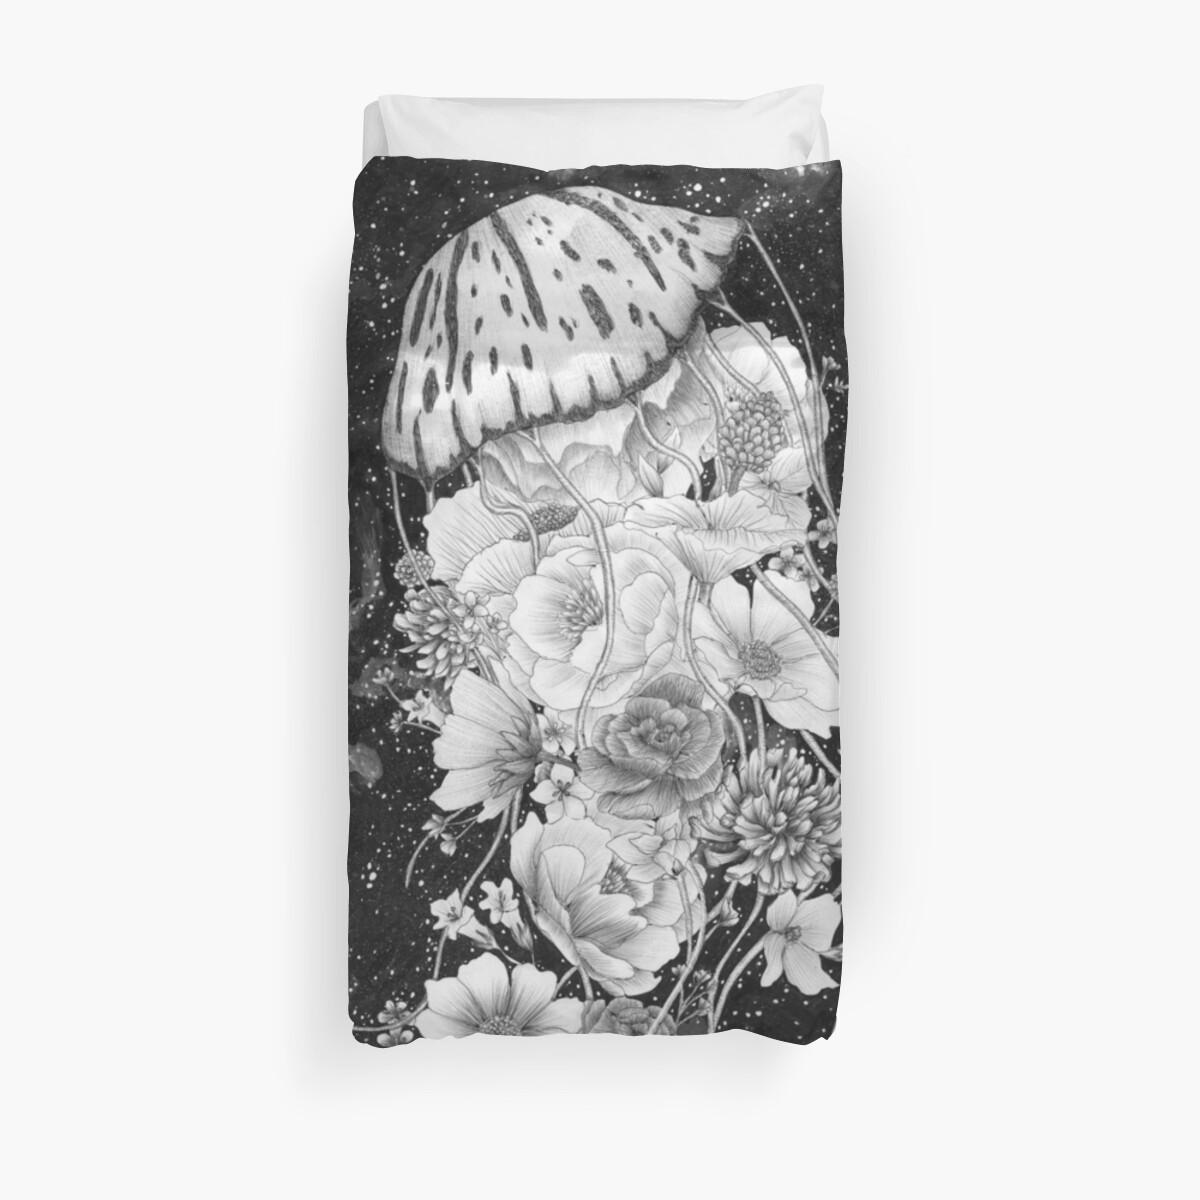 «Océano mágico: la medusa» de ECMazur